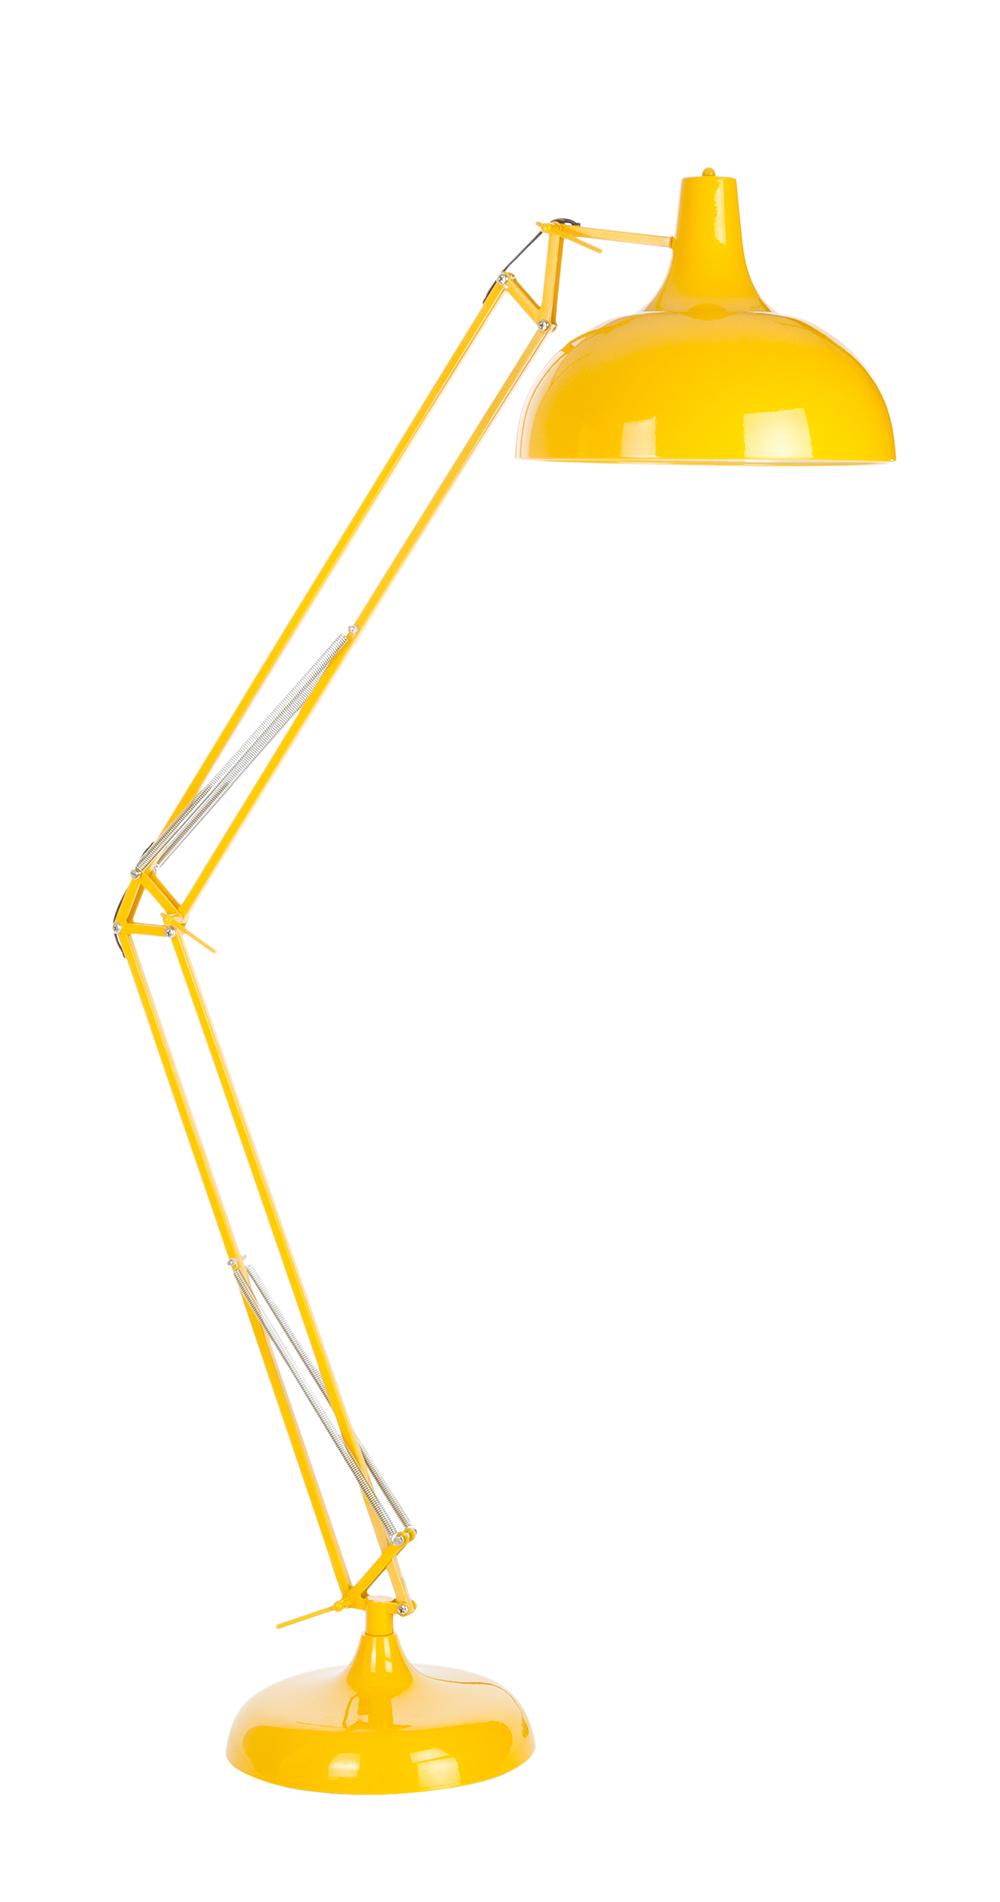 lampadaire de bureau jaune grande lampe de bureau jaune. Black Bedroom Furniture Sets. Home Design Ideas